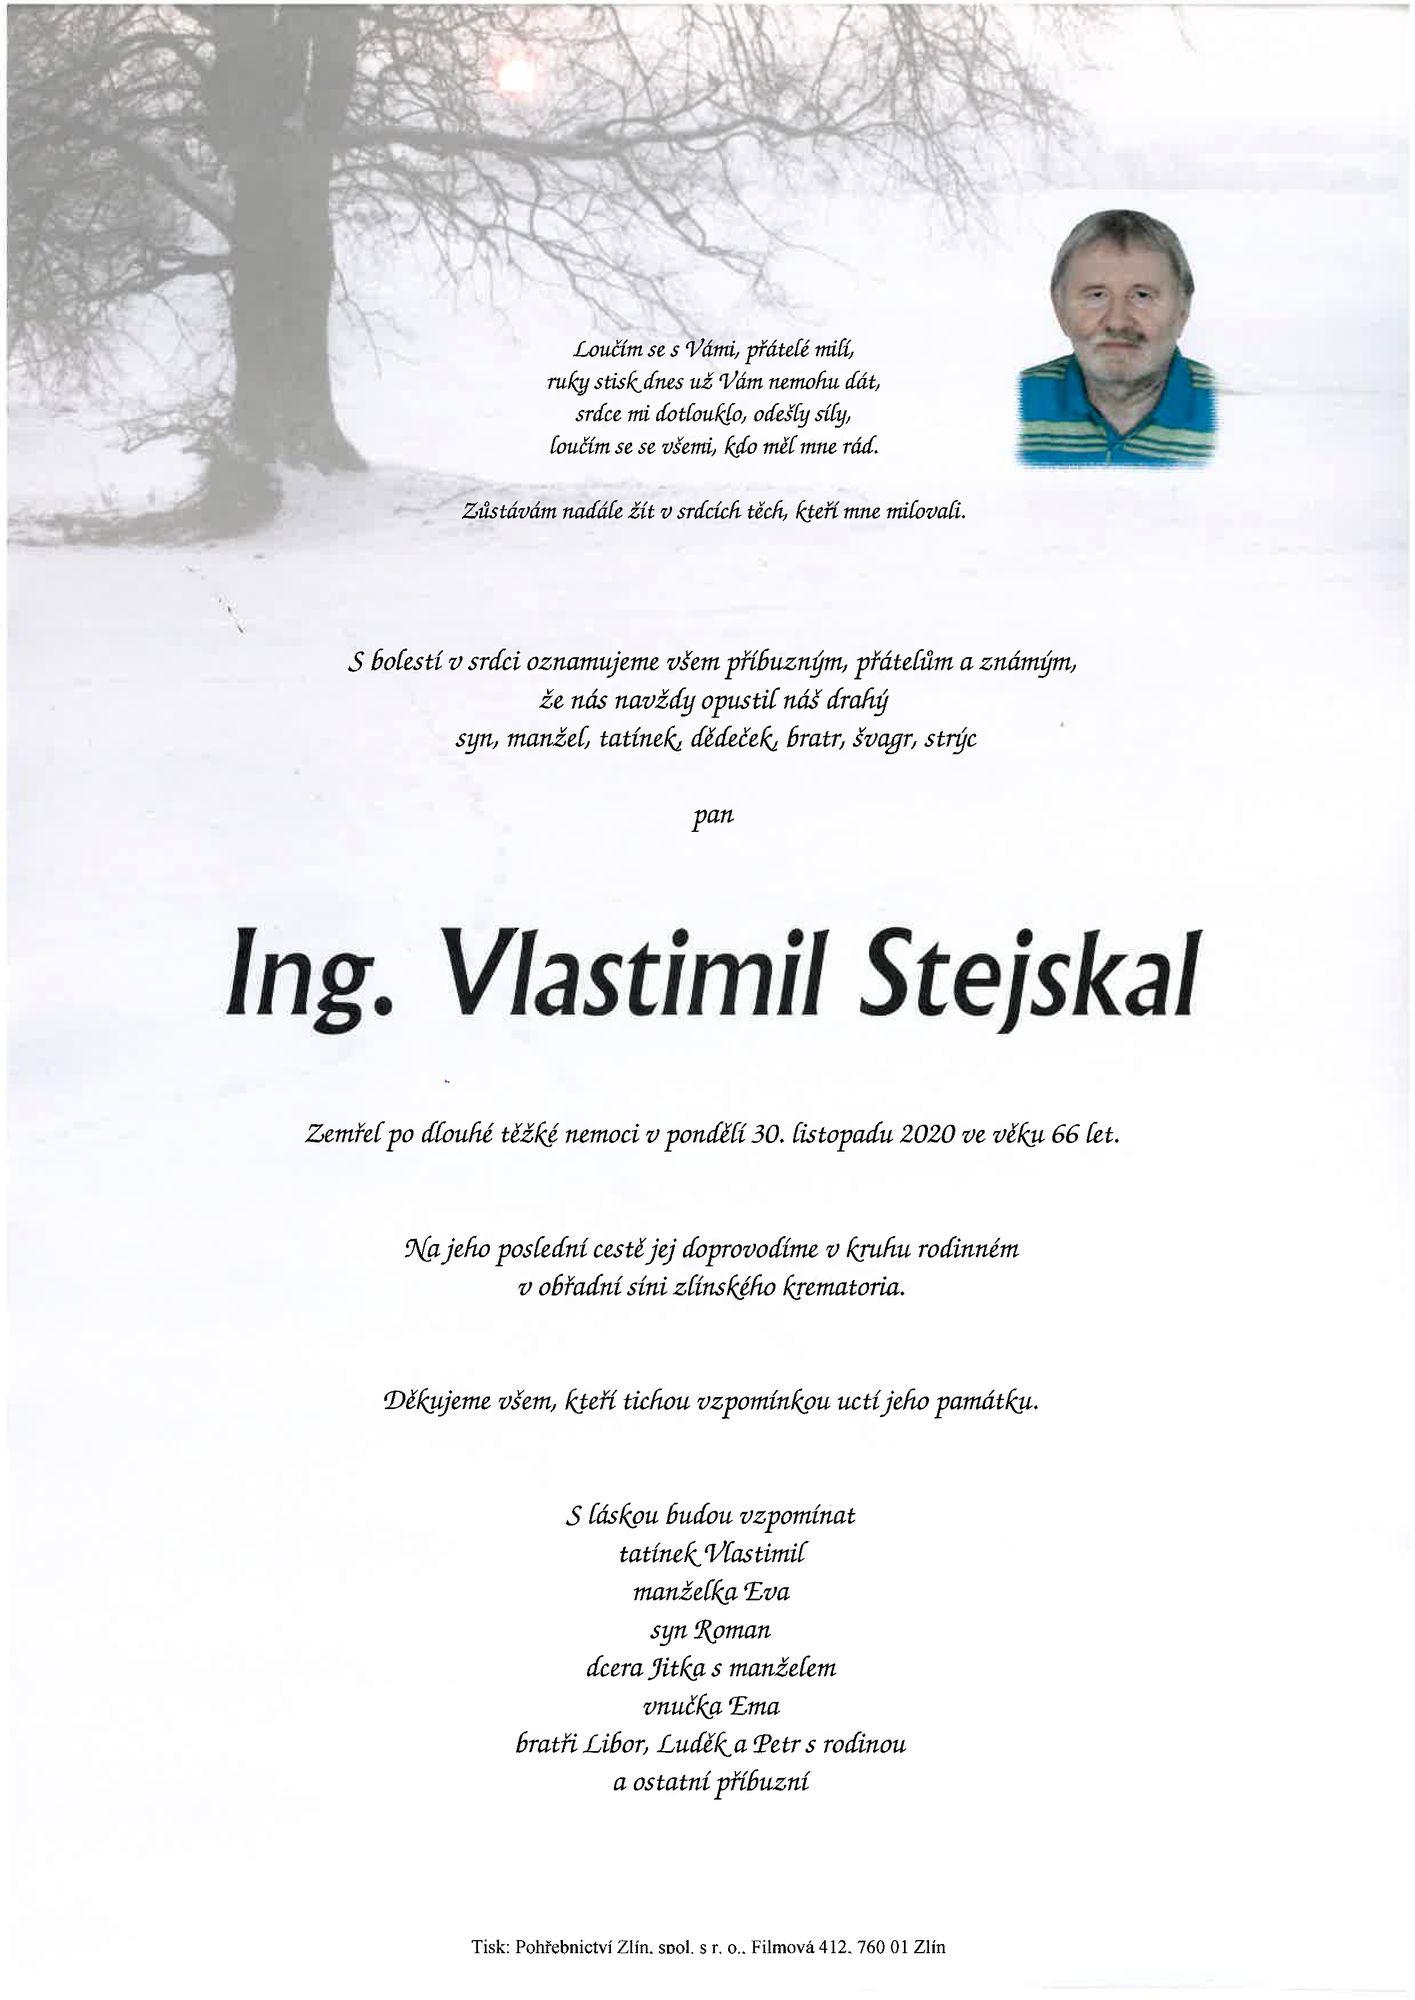 Ing. Vlastimil Stejskal